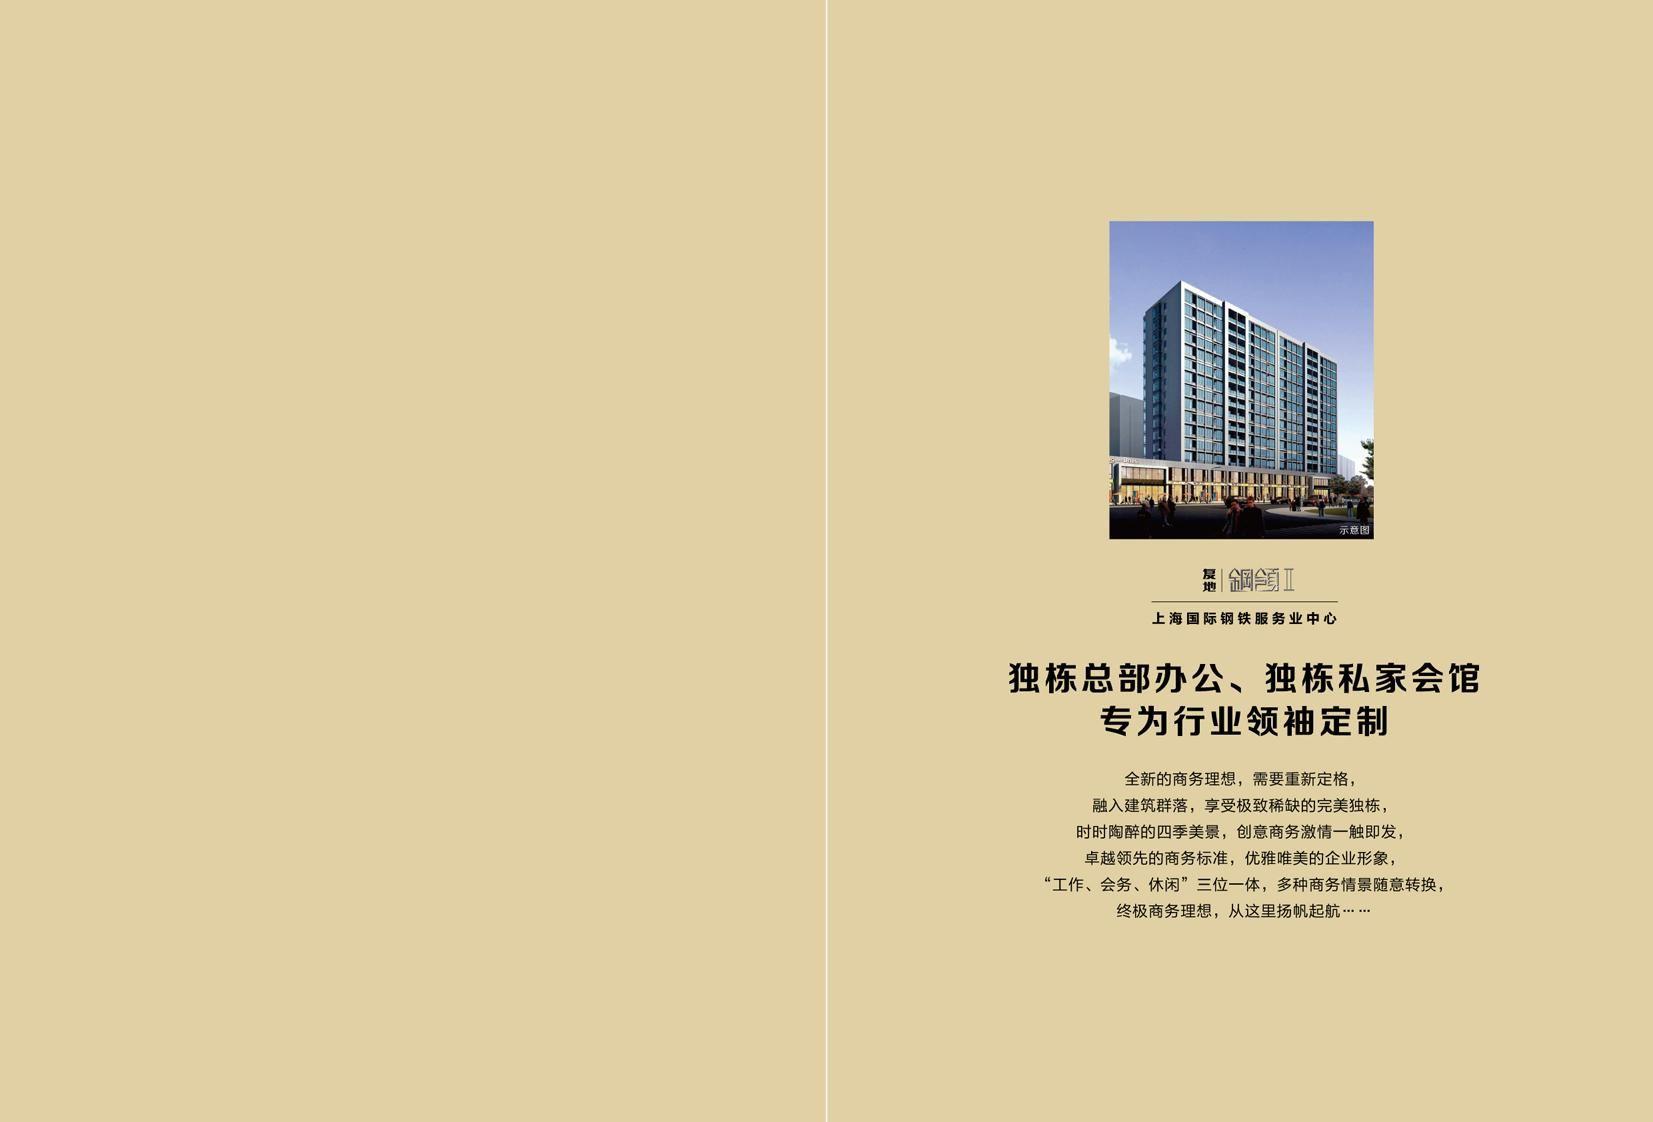 封面封底案例图片 - 设计师宏和创想广告设计工作室图片